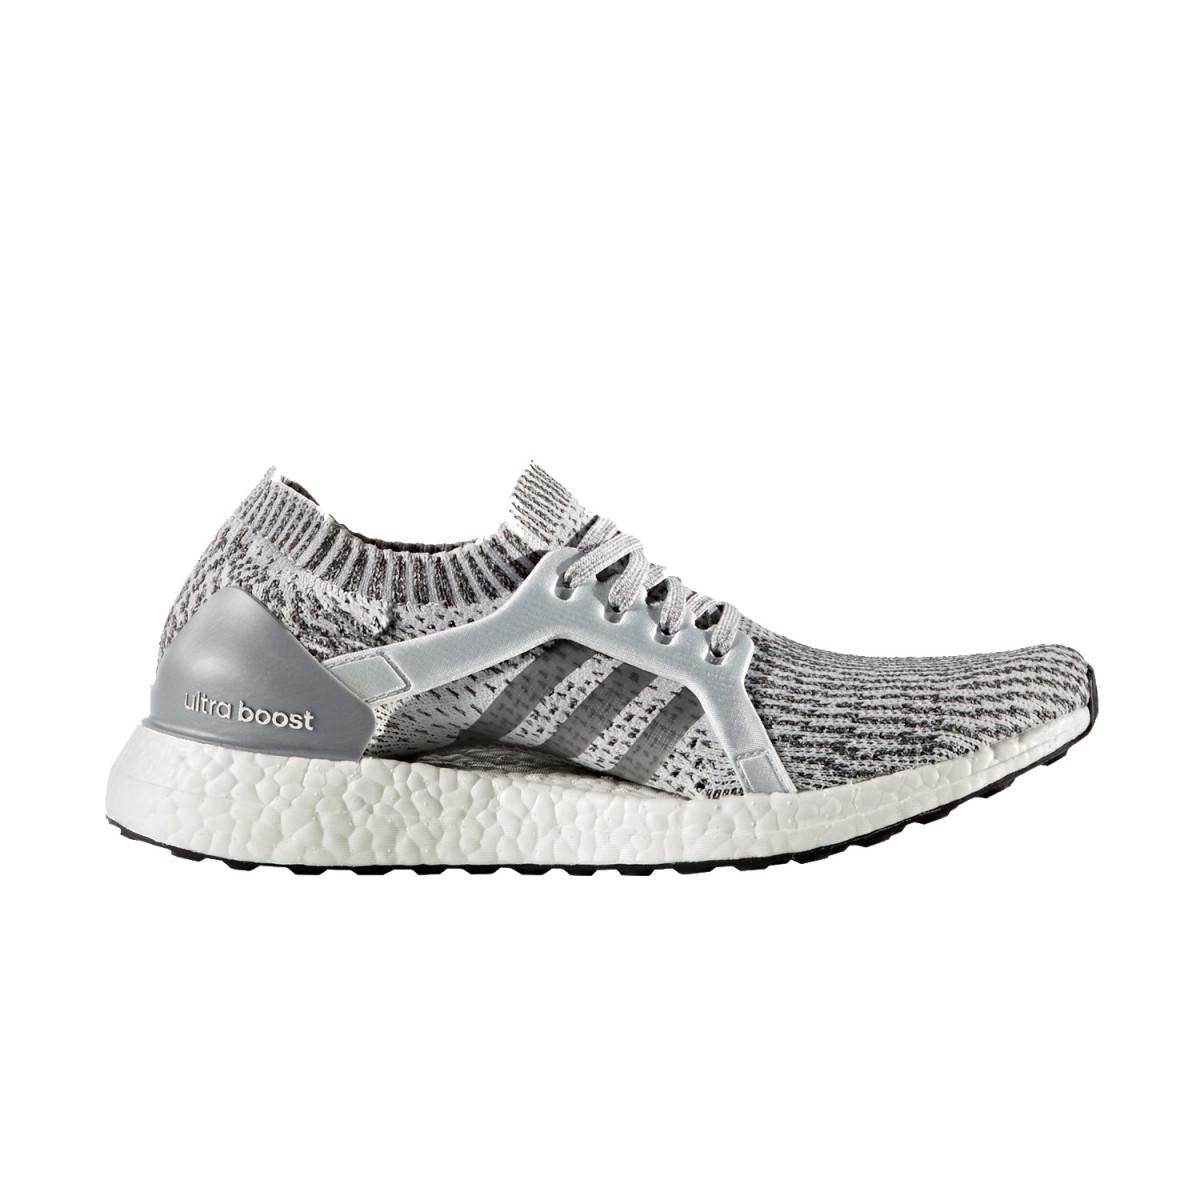 Zapatillas Adidas Ultraboost X 6eb8acc8764f5